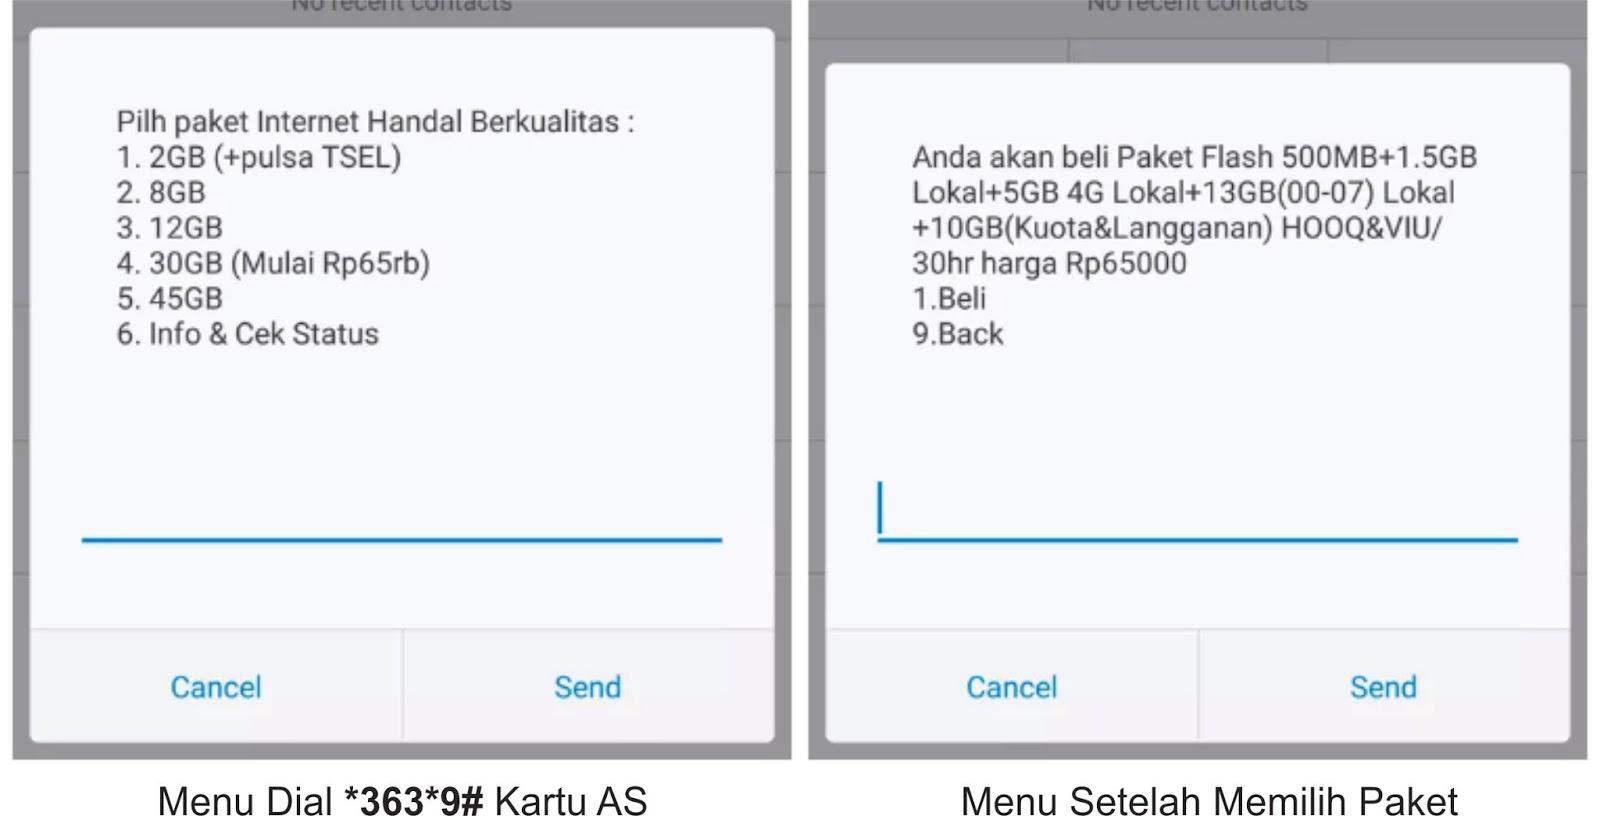 Kode Terbaru Paket Internet Murah Telkomsel 30gb Hanya 65 Ribu 12gb Skema Pembagian Kuota Untuk Kartu Simpati Dan As Memiliki Sedikit Perbedaan Walaupun Sama Mendapatkan Sebesar Dengan Harga